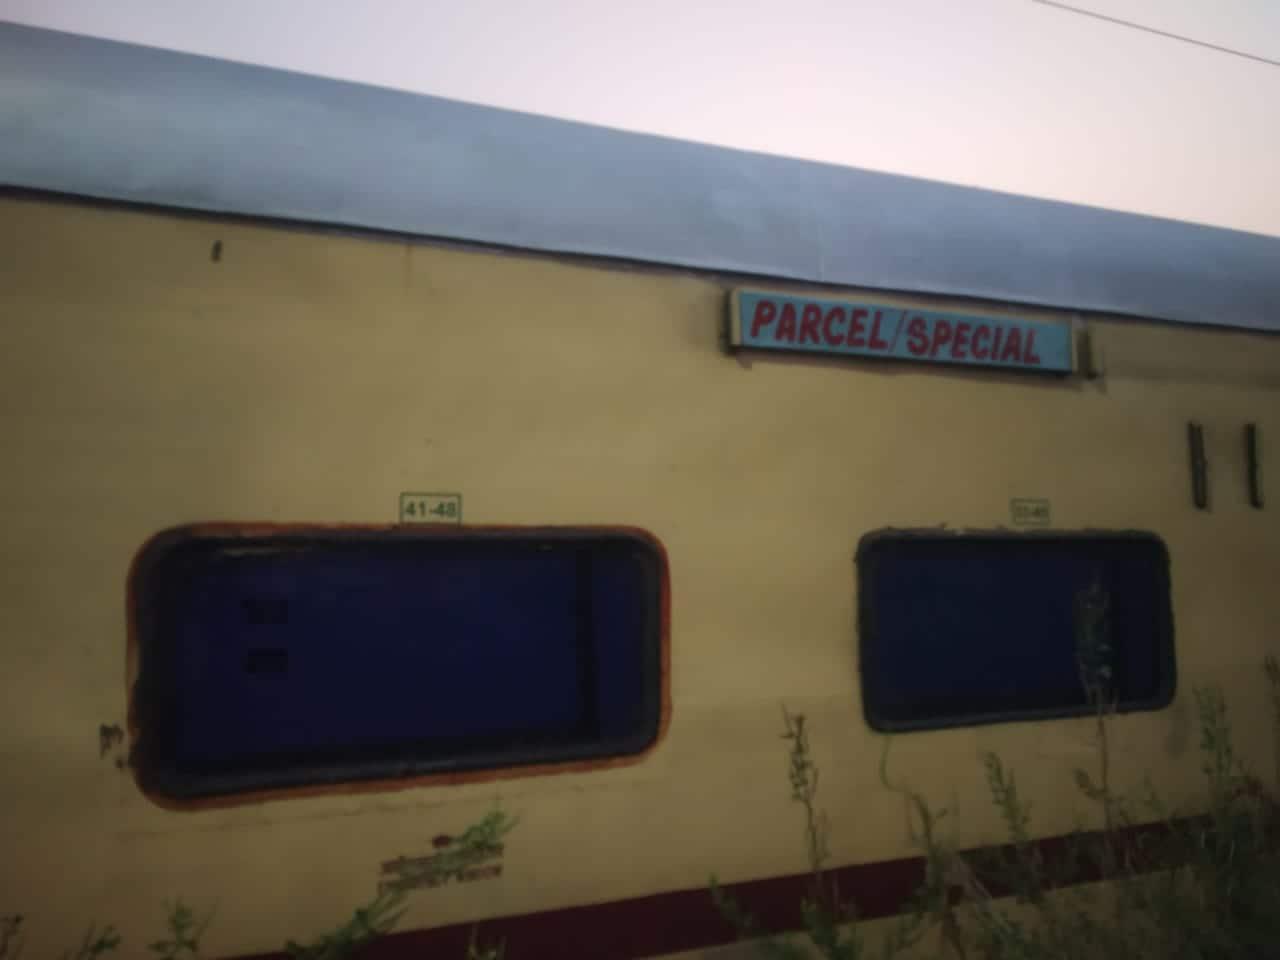 যাত্রীবাহী ট্রেনের এসি কামরায় পণ্য পরিবহণ করল ভারতীয় রেল। চালানো হল প্রথম এসি পার্সেল এক্সপ্রেস ট্রেন। (ছবি সৌজন্য এএনআই)